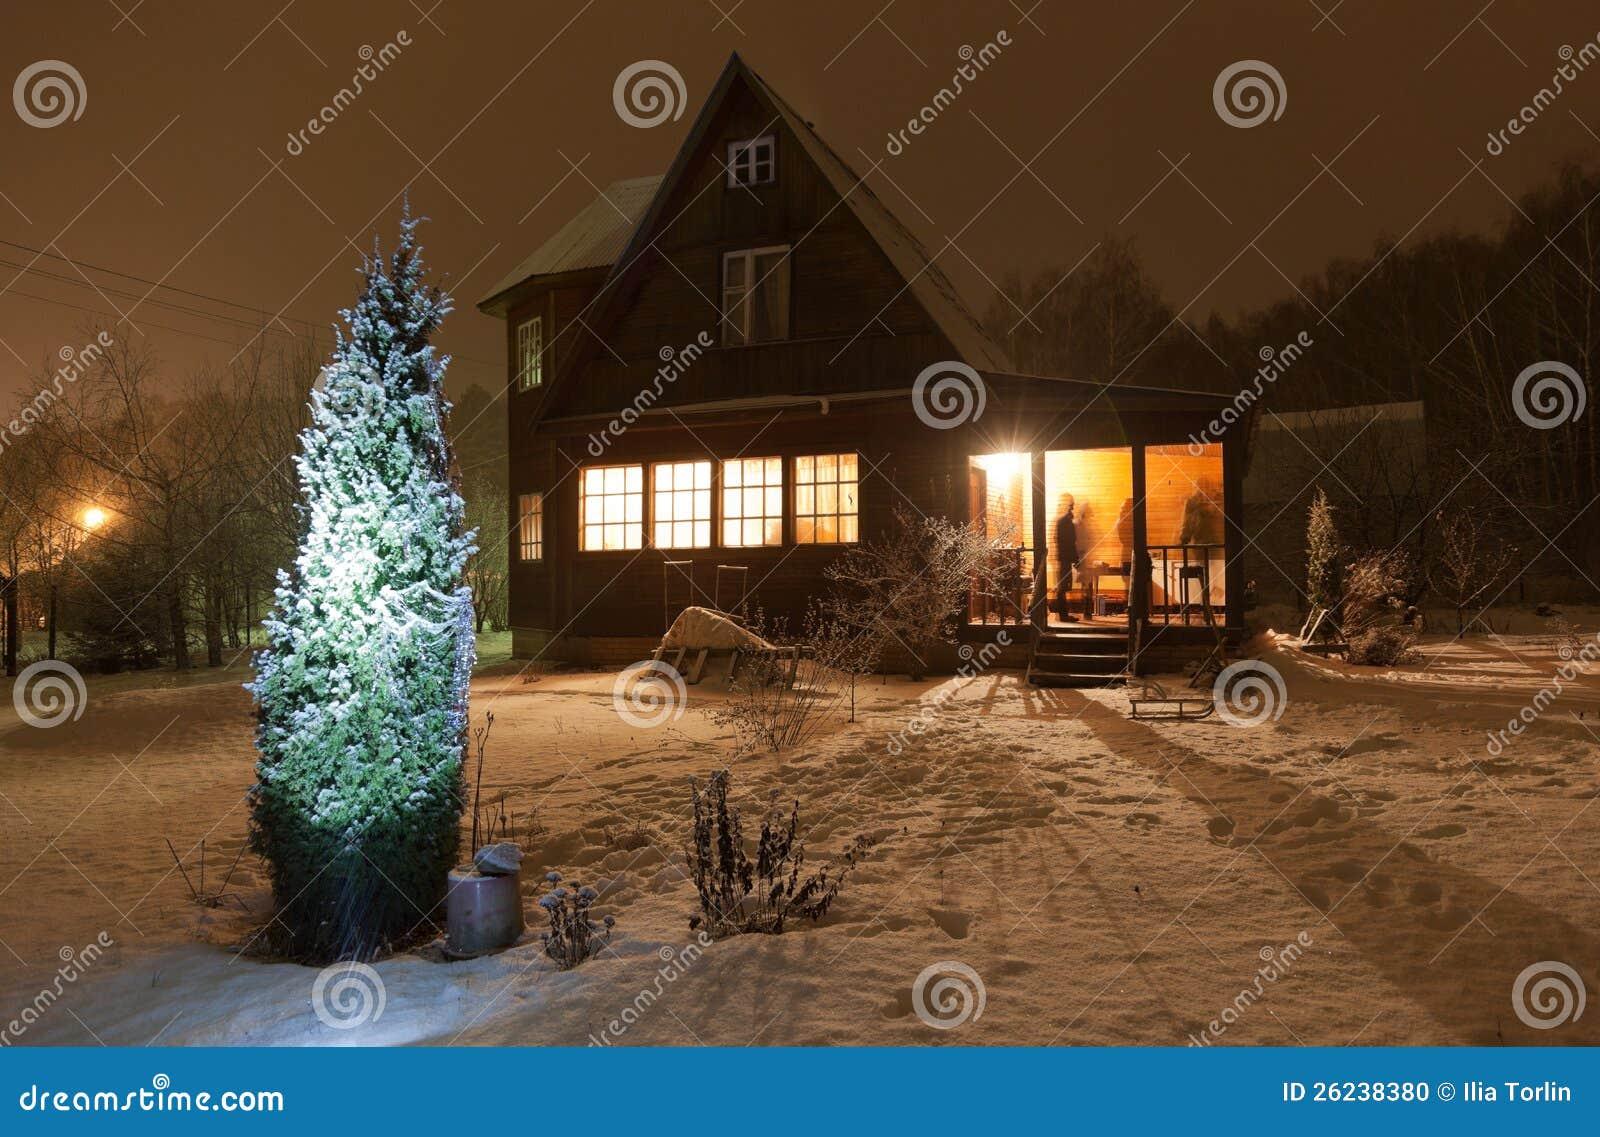 Della contea (dacia) ed albero di natale decorato. regione di mosca